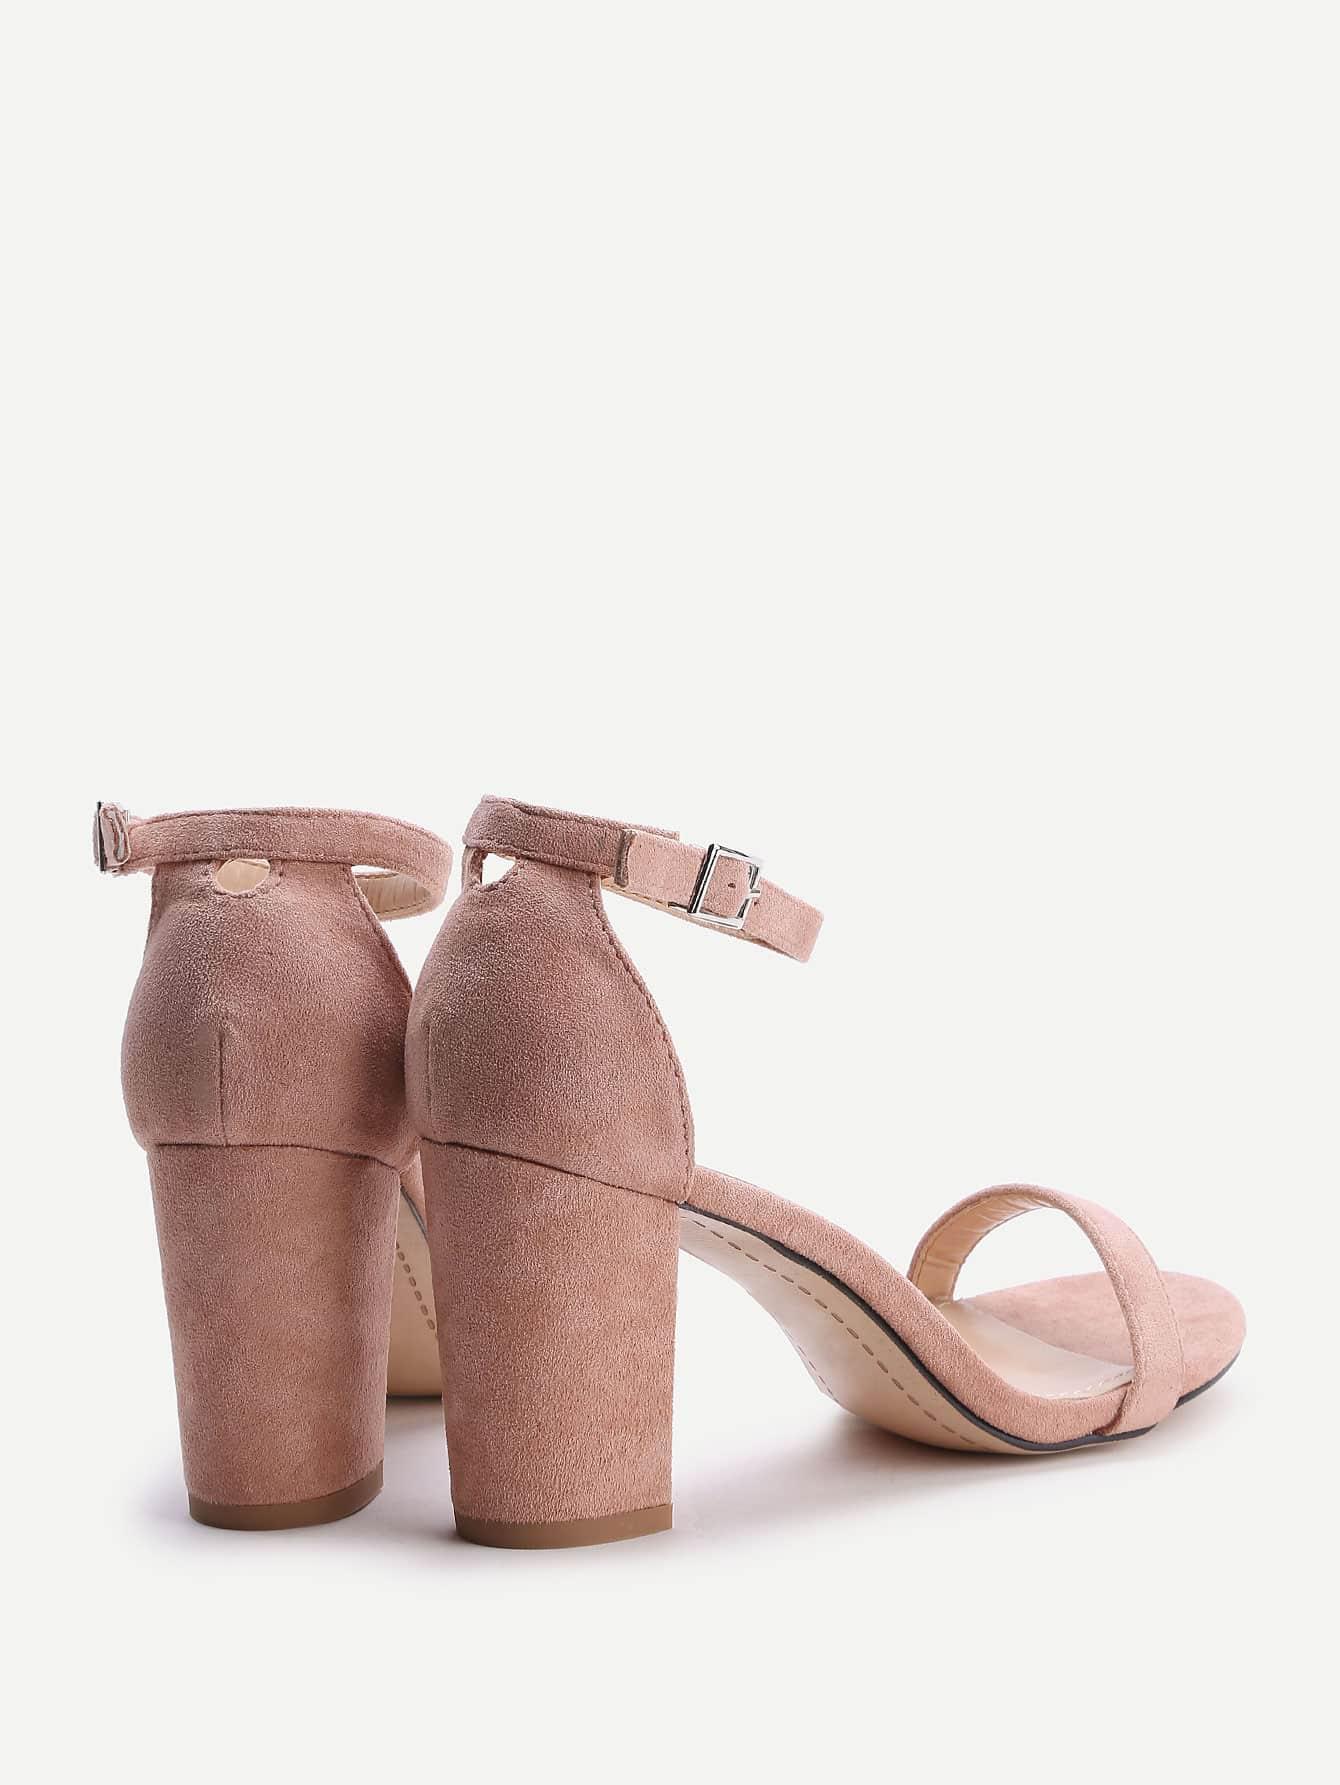 shoes170410804_2